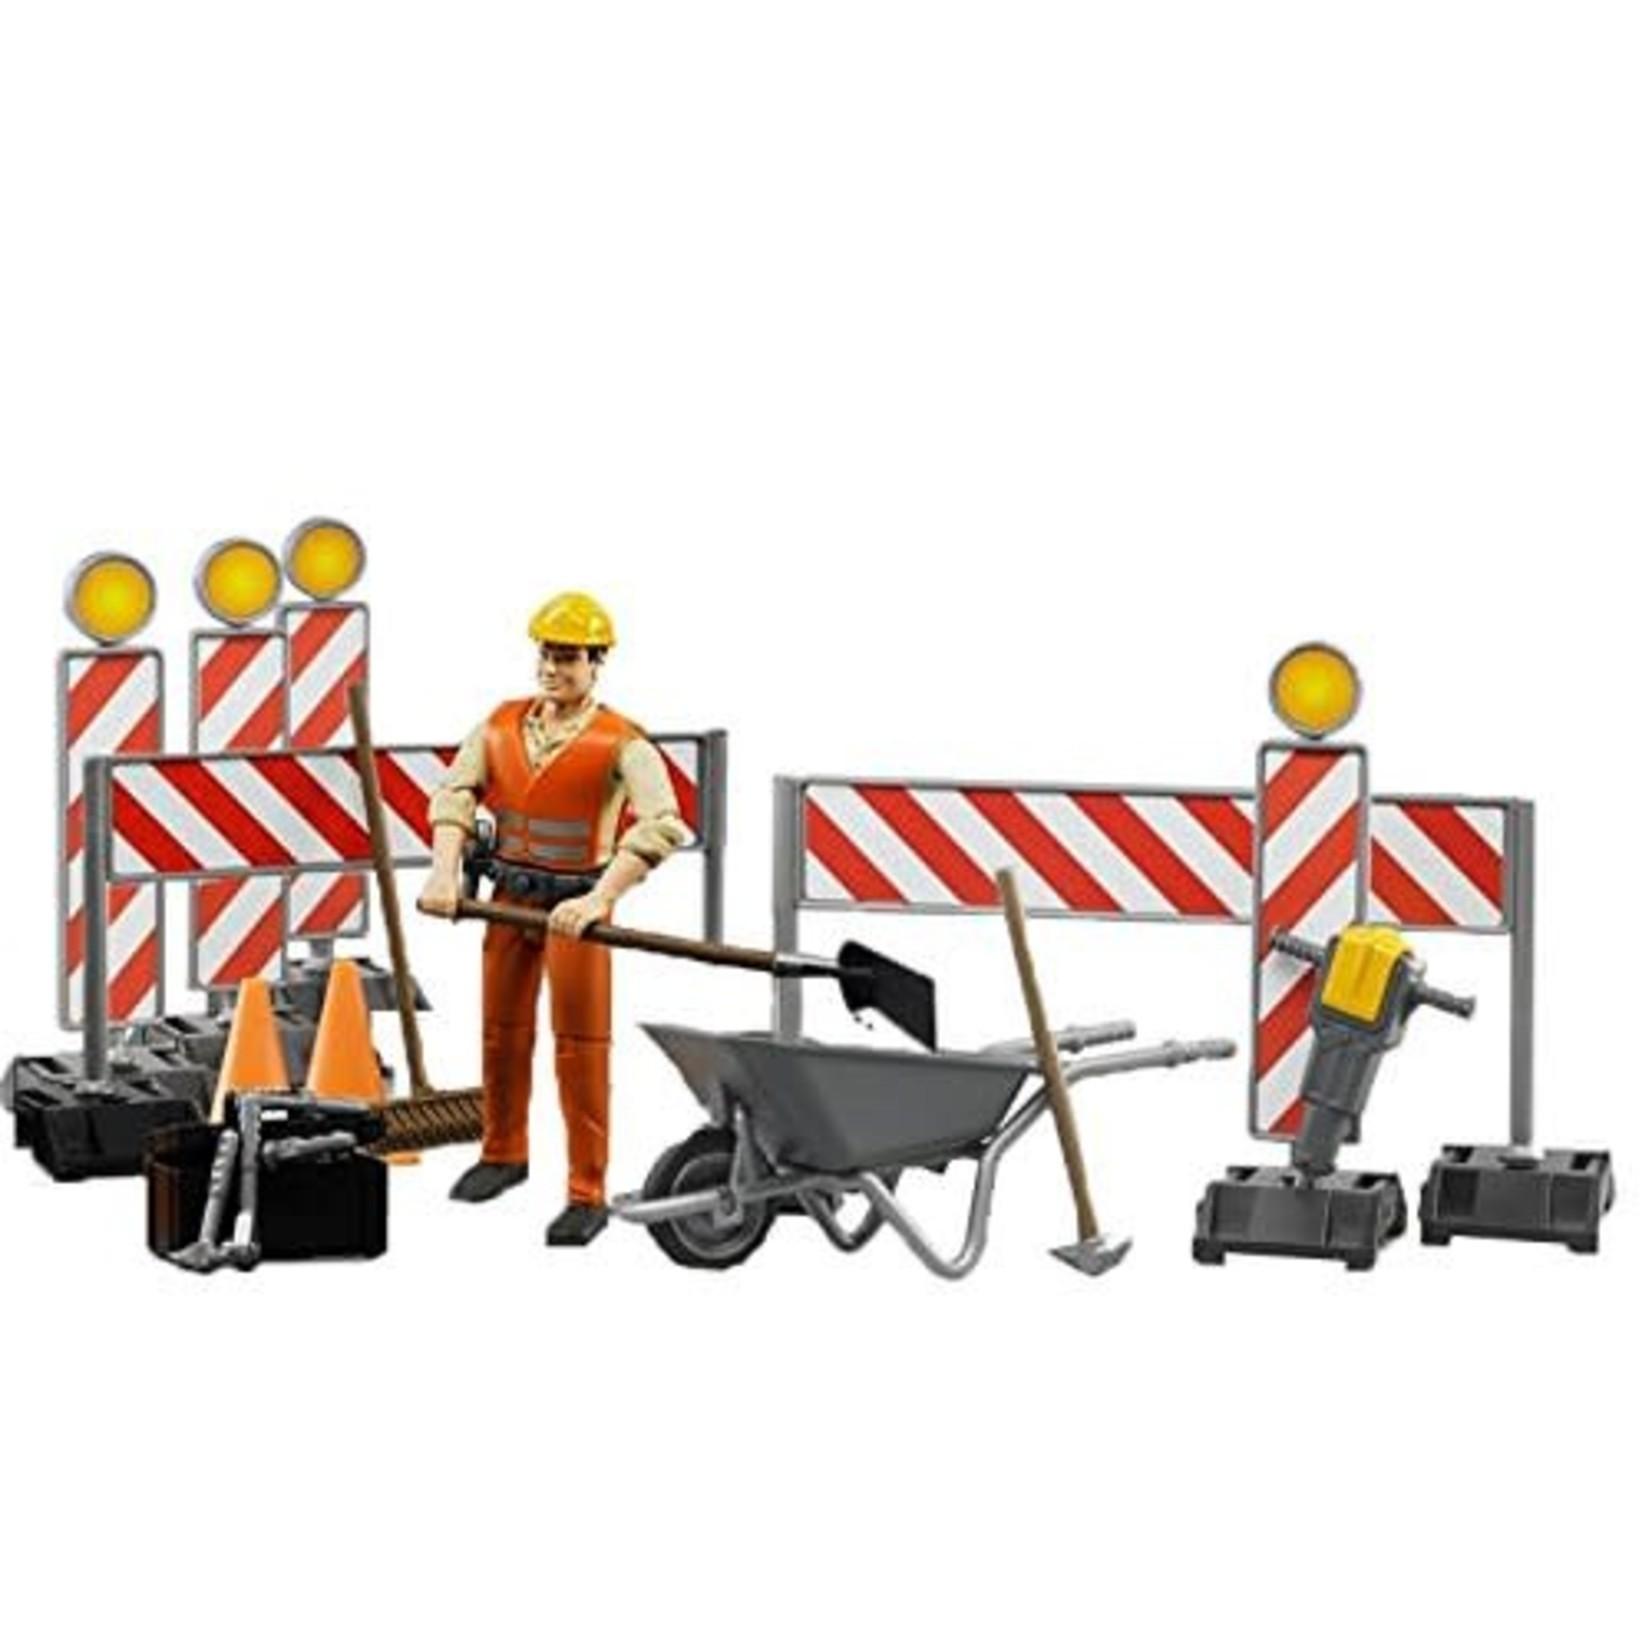 Bruder Bruder Construction Figure Set 62000